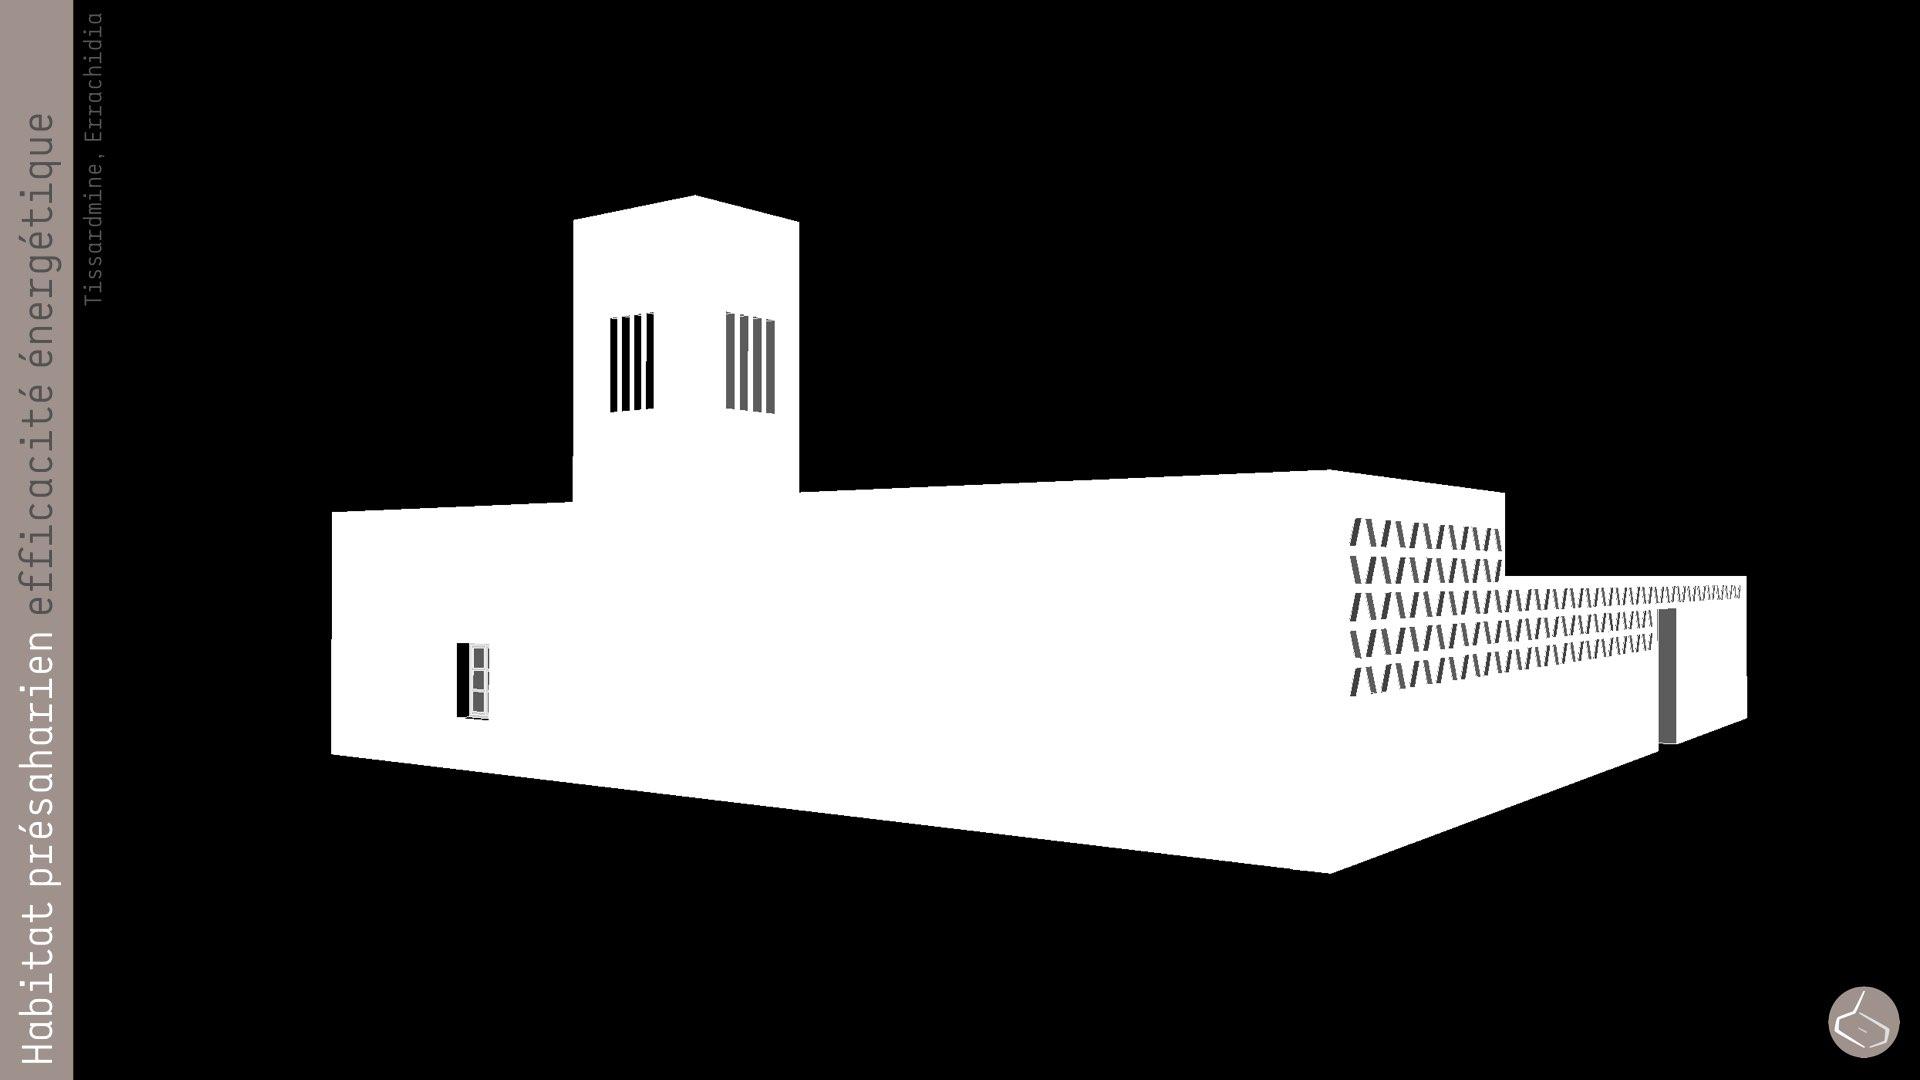 87. Nous sommes en train de construire un centre communautaire à Tissardmine (Errachidia) avec une tour de ce type et qui pourrait être appliqué facilement dans les anciennes, et les nouvelles, maisons en terre.       87. We are now building a community centre in Tissardmine (Errachidia) with a tower of this type. It could be easily applied in old and new mud houses.     https://www.facebook.com/marsaddraa/photos/?tab=album&album_id=1558420807712021